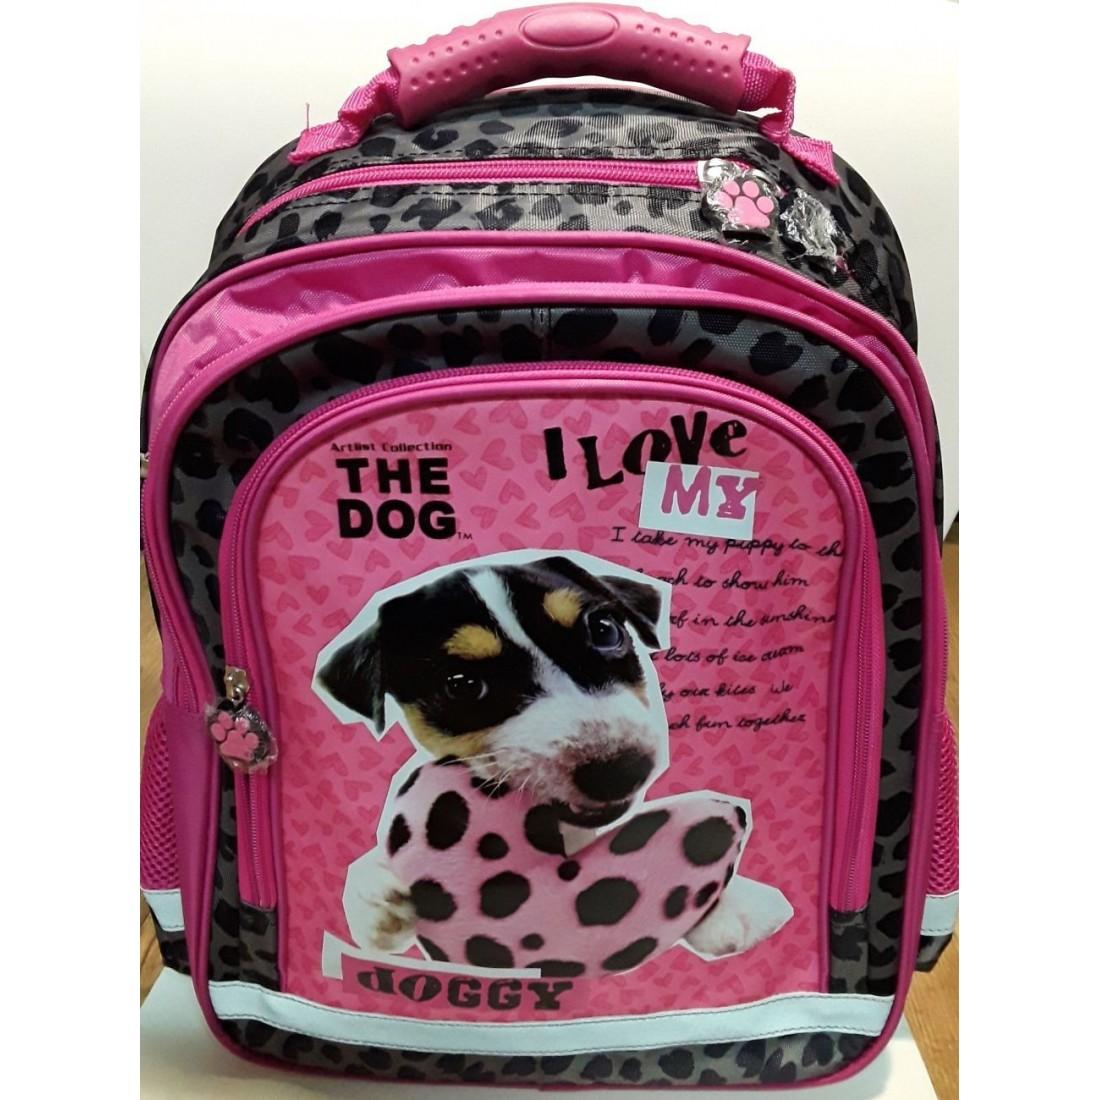 oryginalne buty sklep internetowy świetne dopasowanie Plecak THE DOG szkolny w łaty PIES Z SERCEM